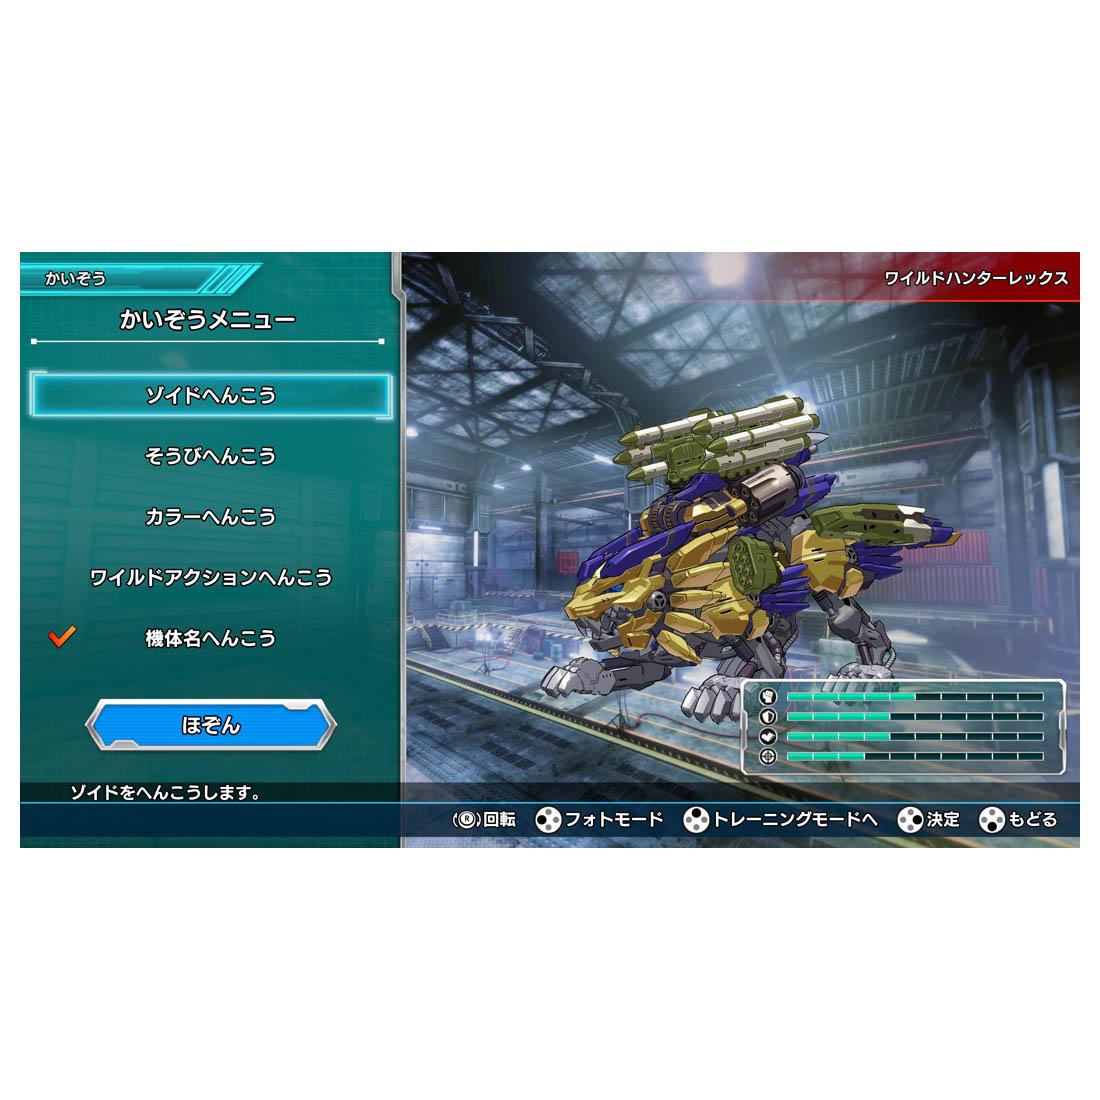 ゾイドワイルド『ZW36IB ライジングライガー インフィニティブルー』組み立て可動フィギュア「ゾイドワイルド インフィニティブラスト」セット-007